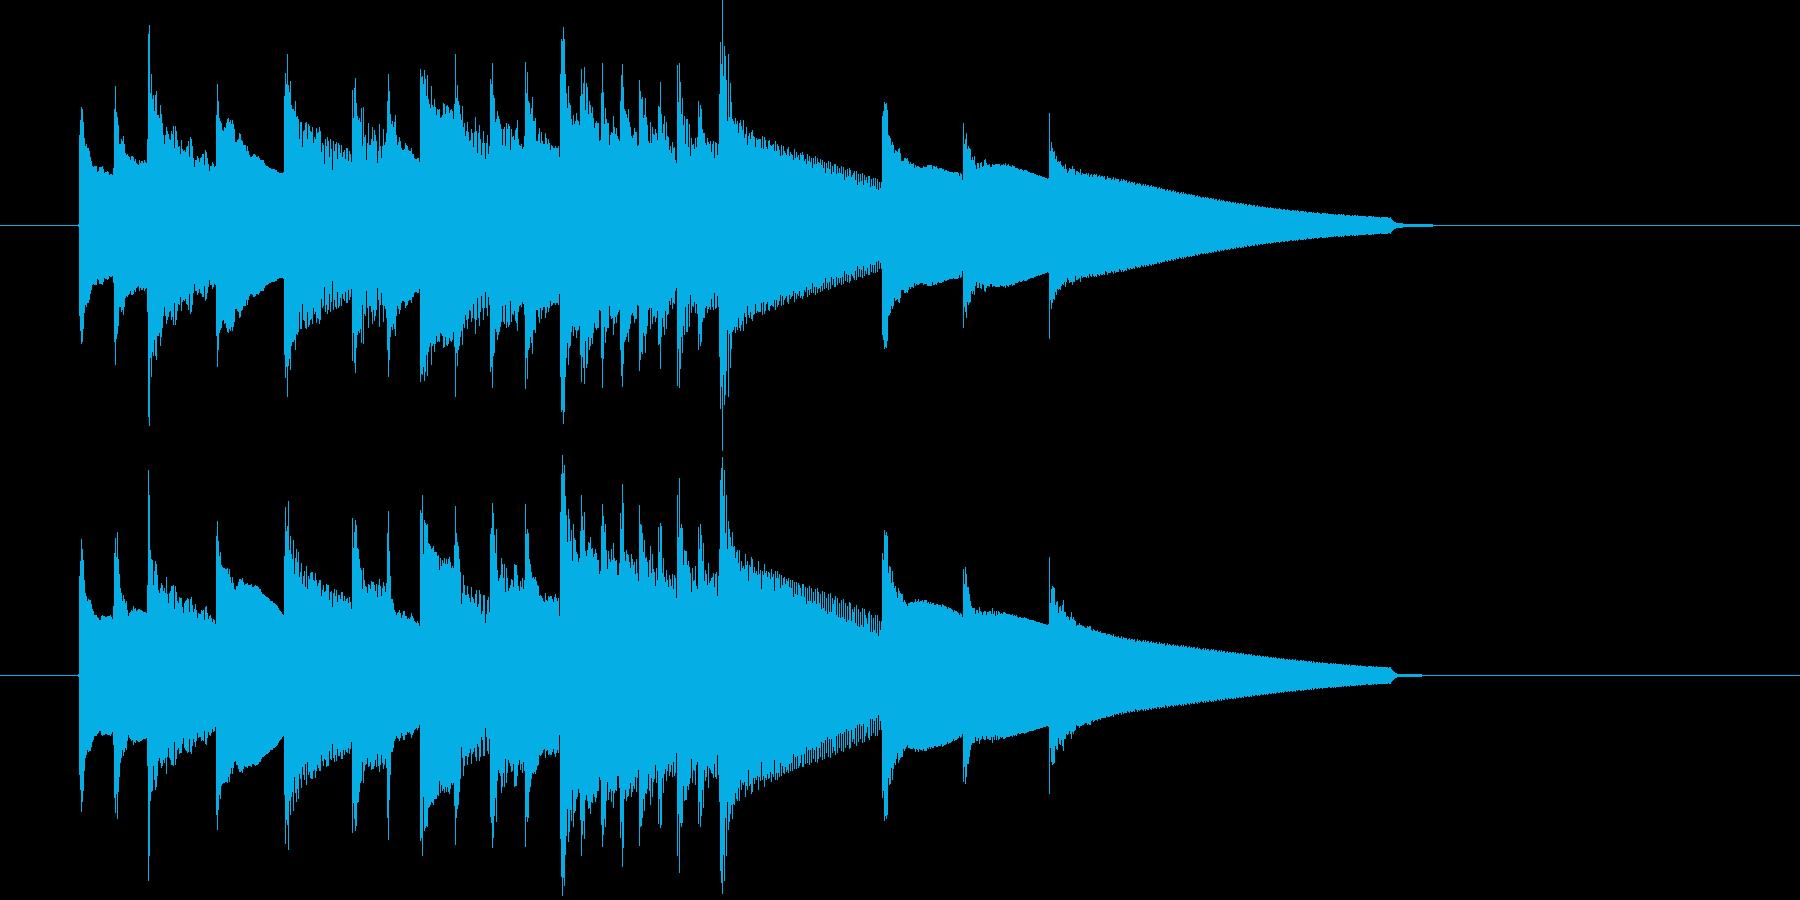 チェンバロによる場面転換・アイキャッチの再生済みの波形